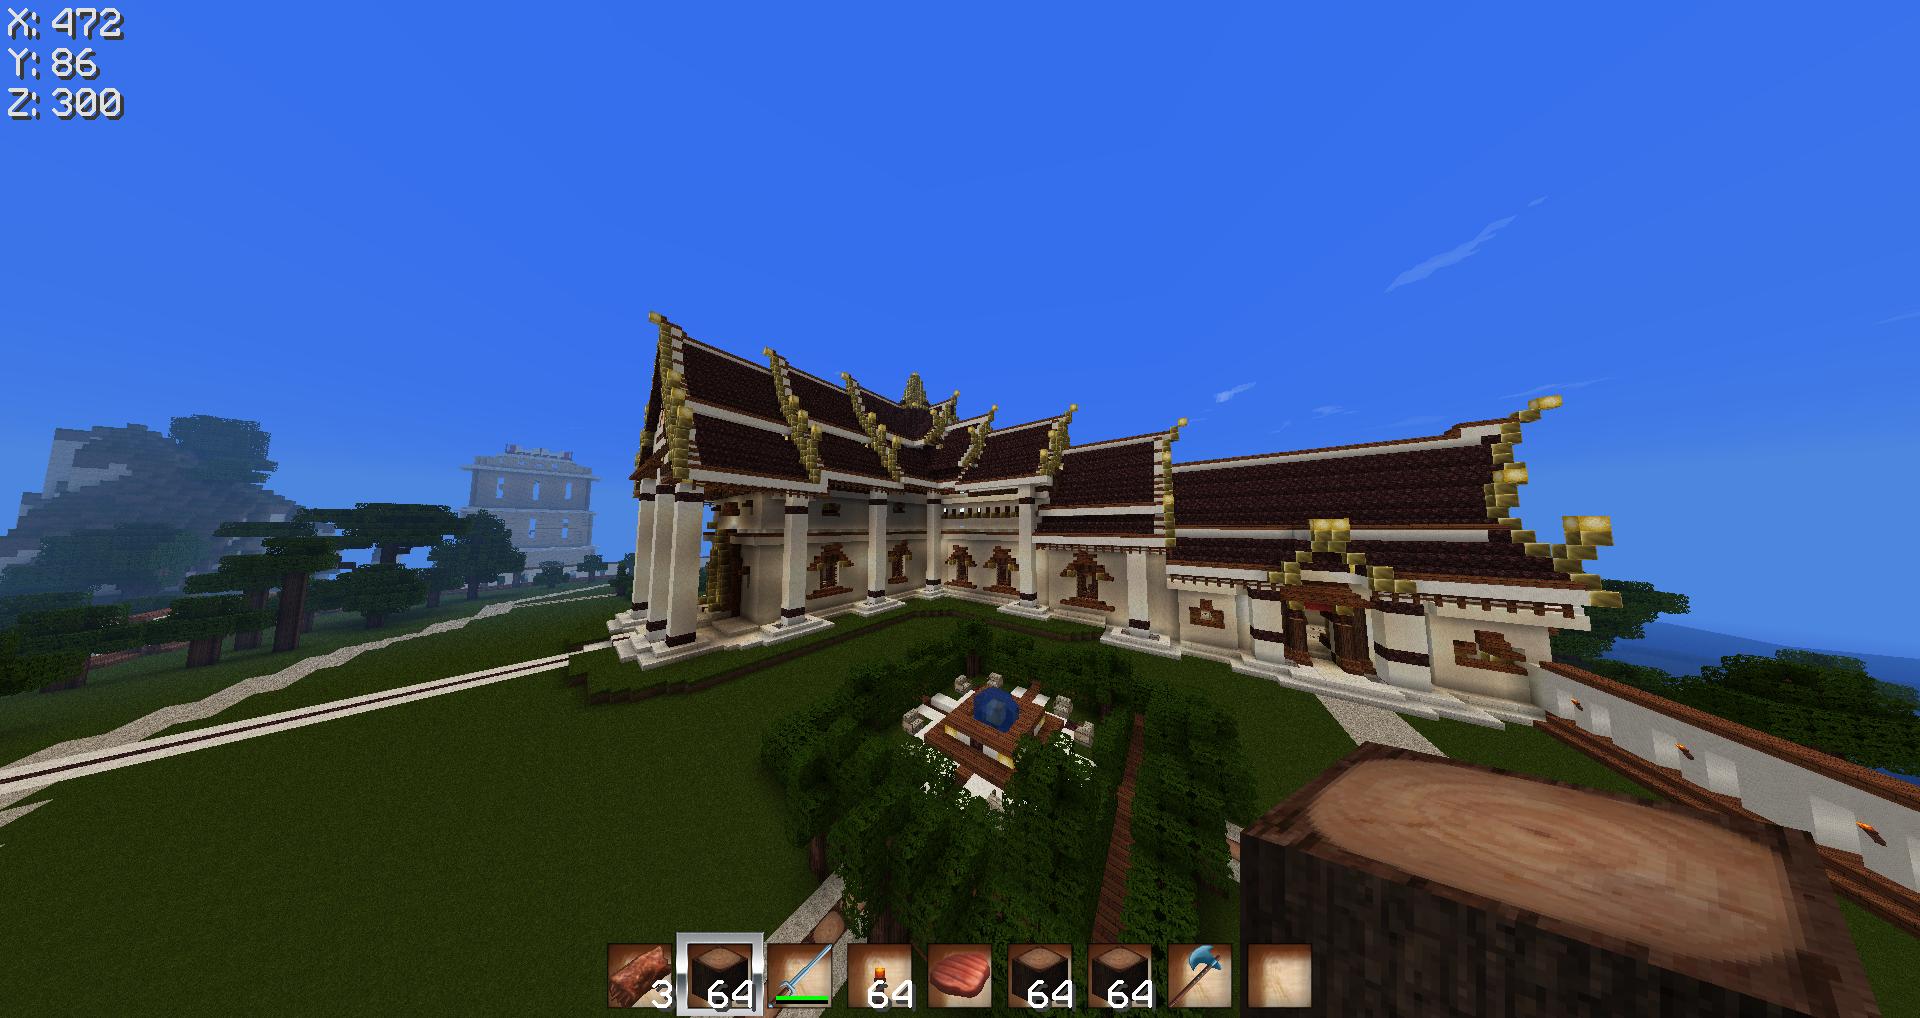 Minecraft geplante projekte seite 10 spieleplanet - Minecraft projekte ...